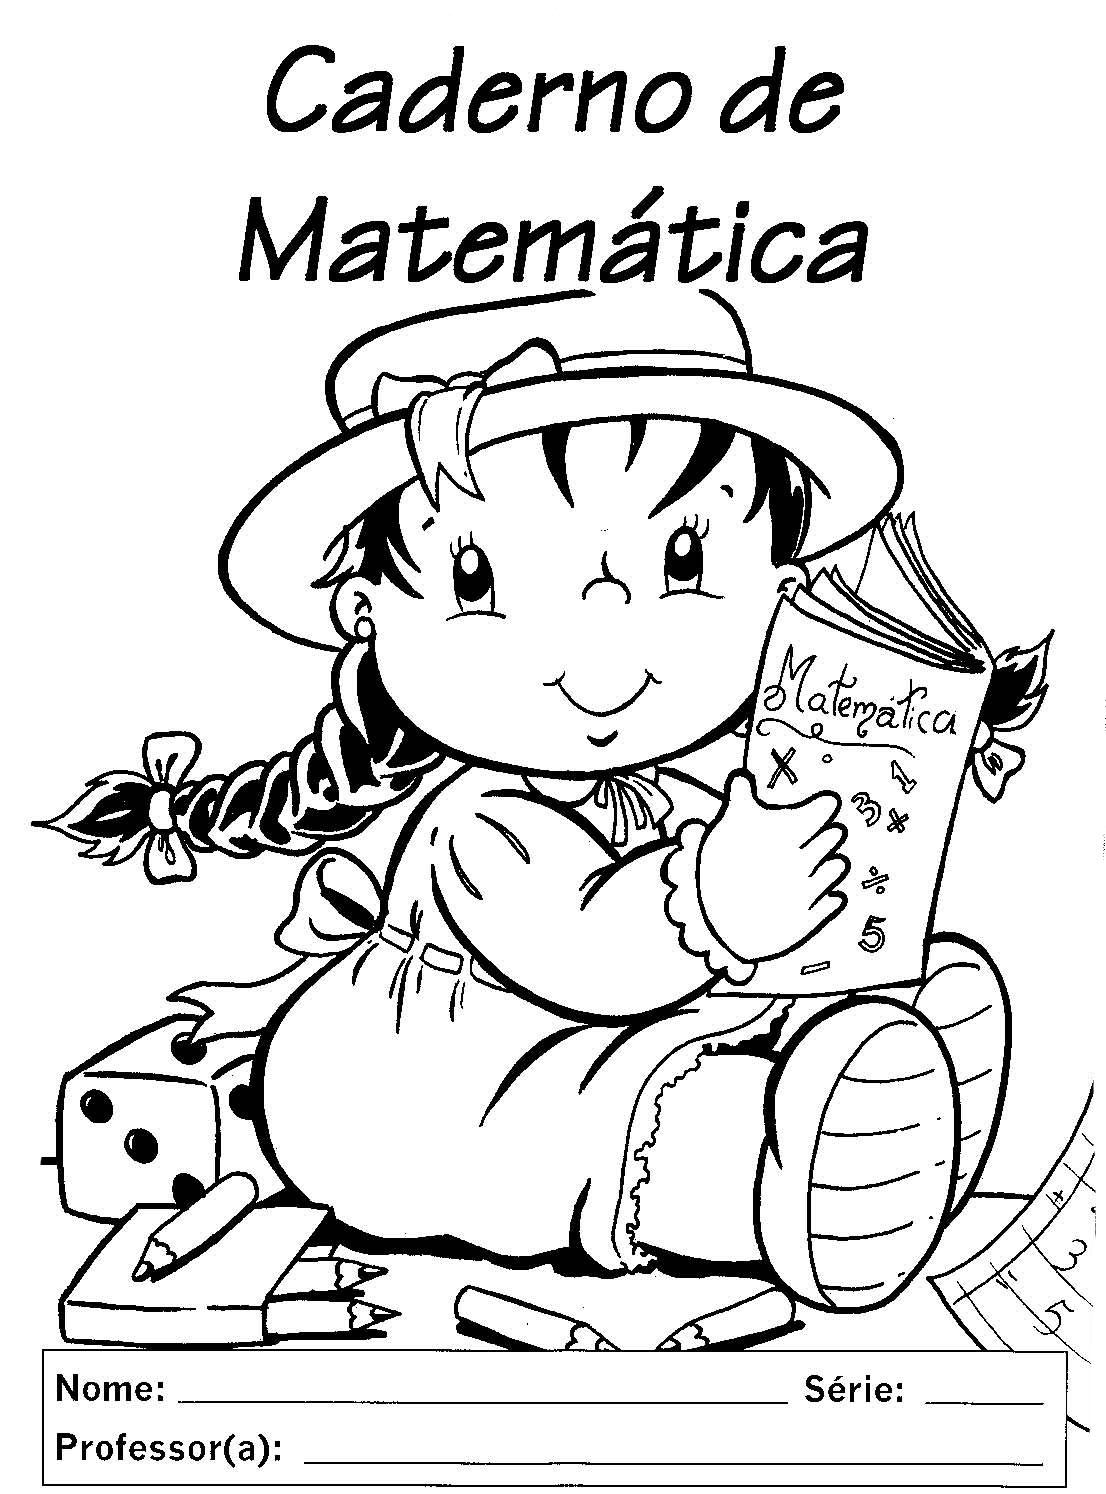 Modelo Capa Caderno Escolar Matematica  3